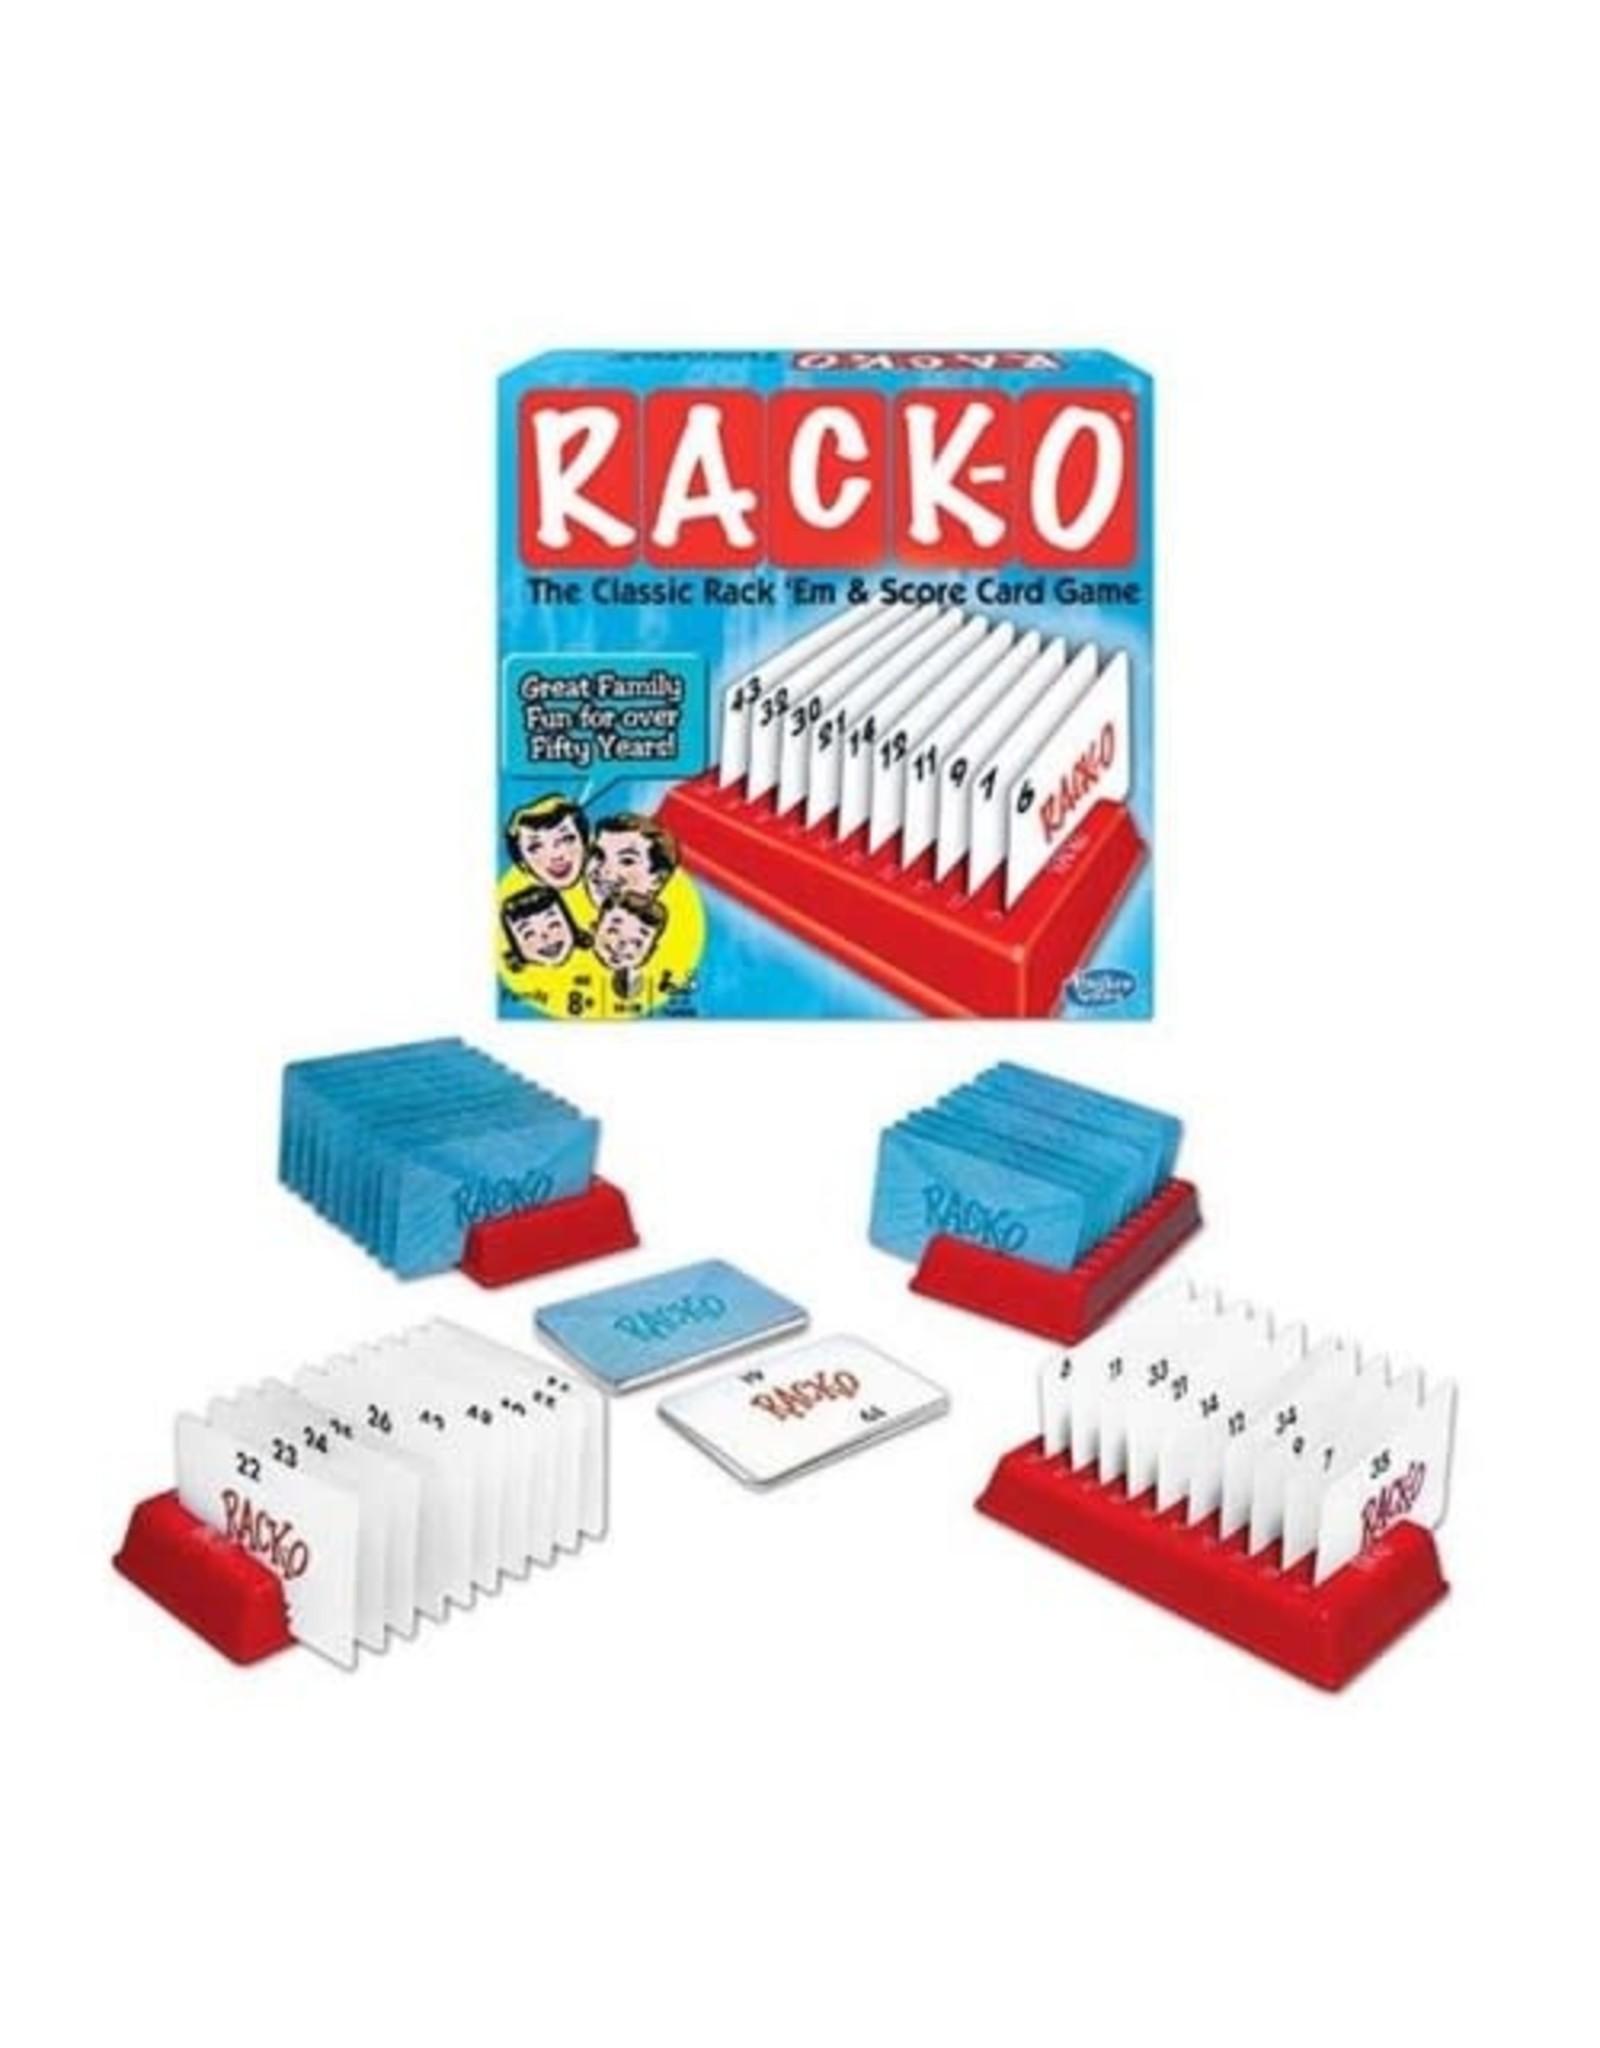 Rack-O Game